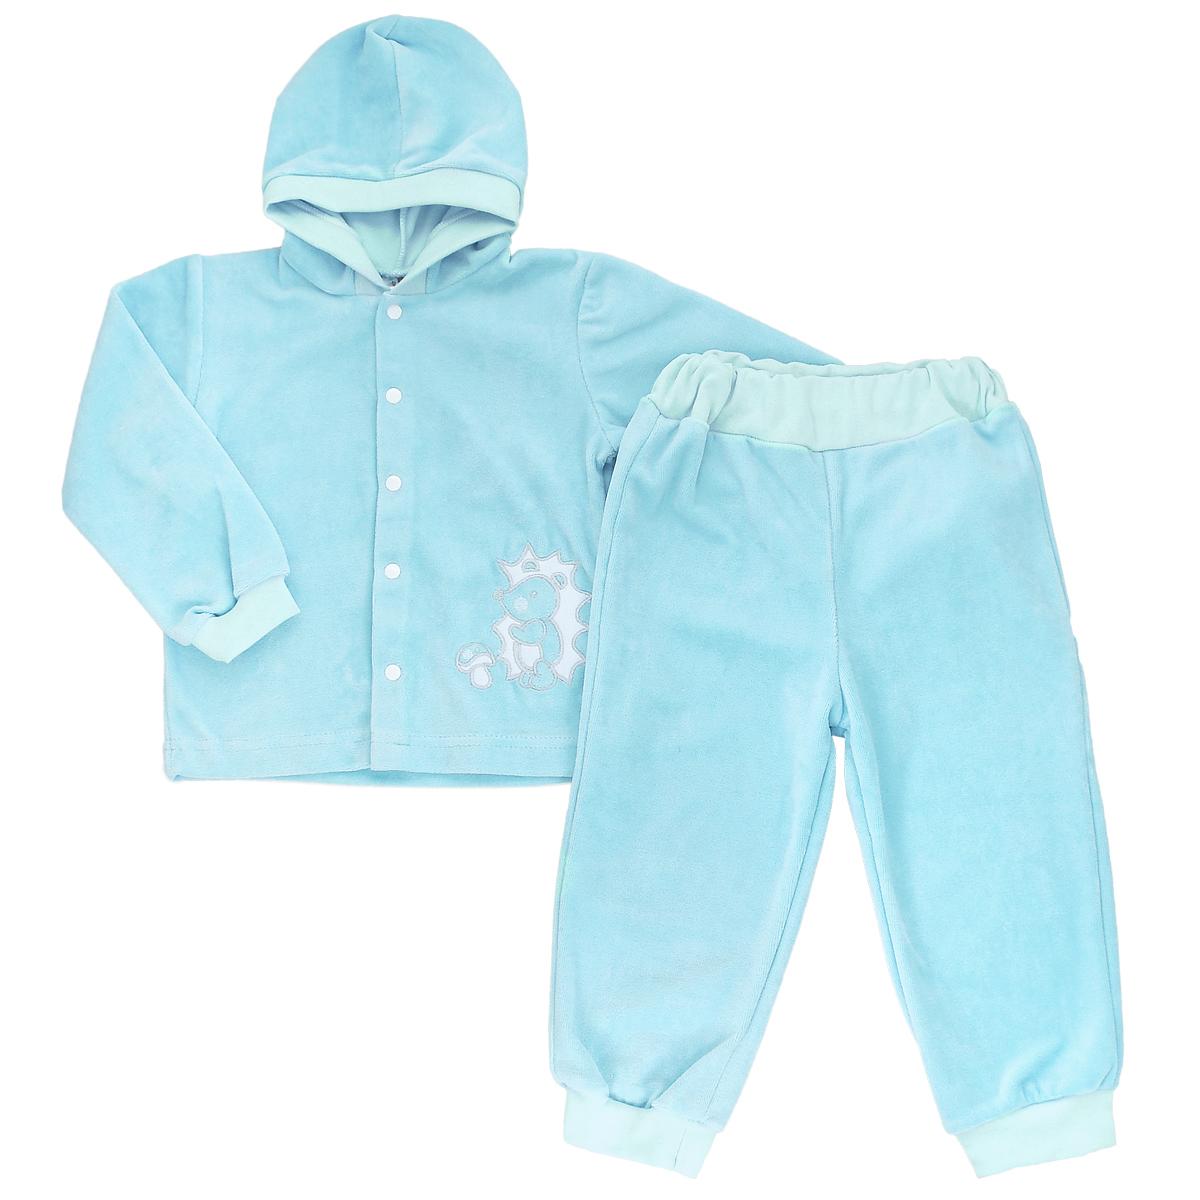 Комплект детский КотМарКот: кофточка, брюки, цвет: бирюзовый. 270_5. Размер 104